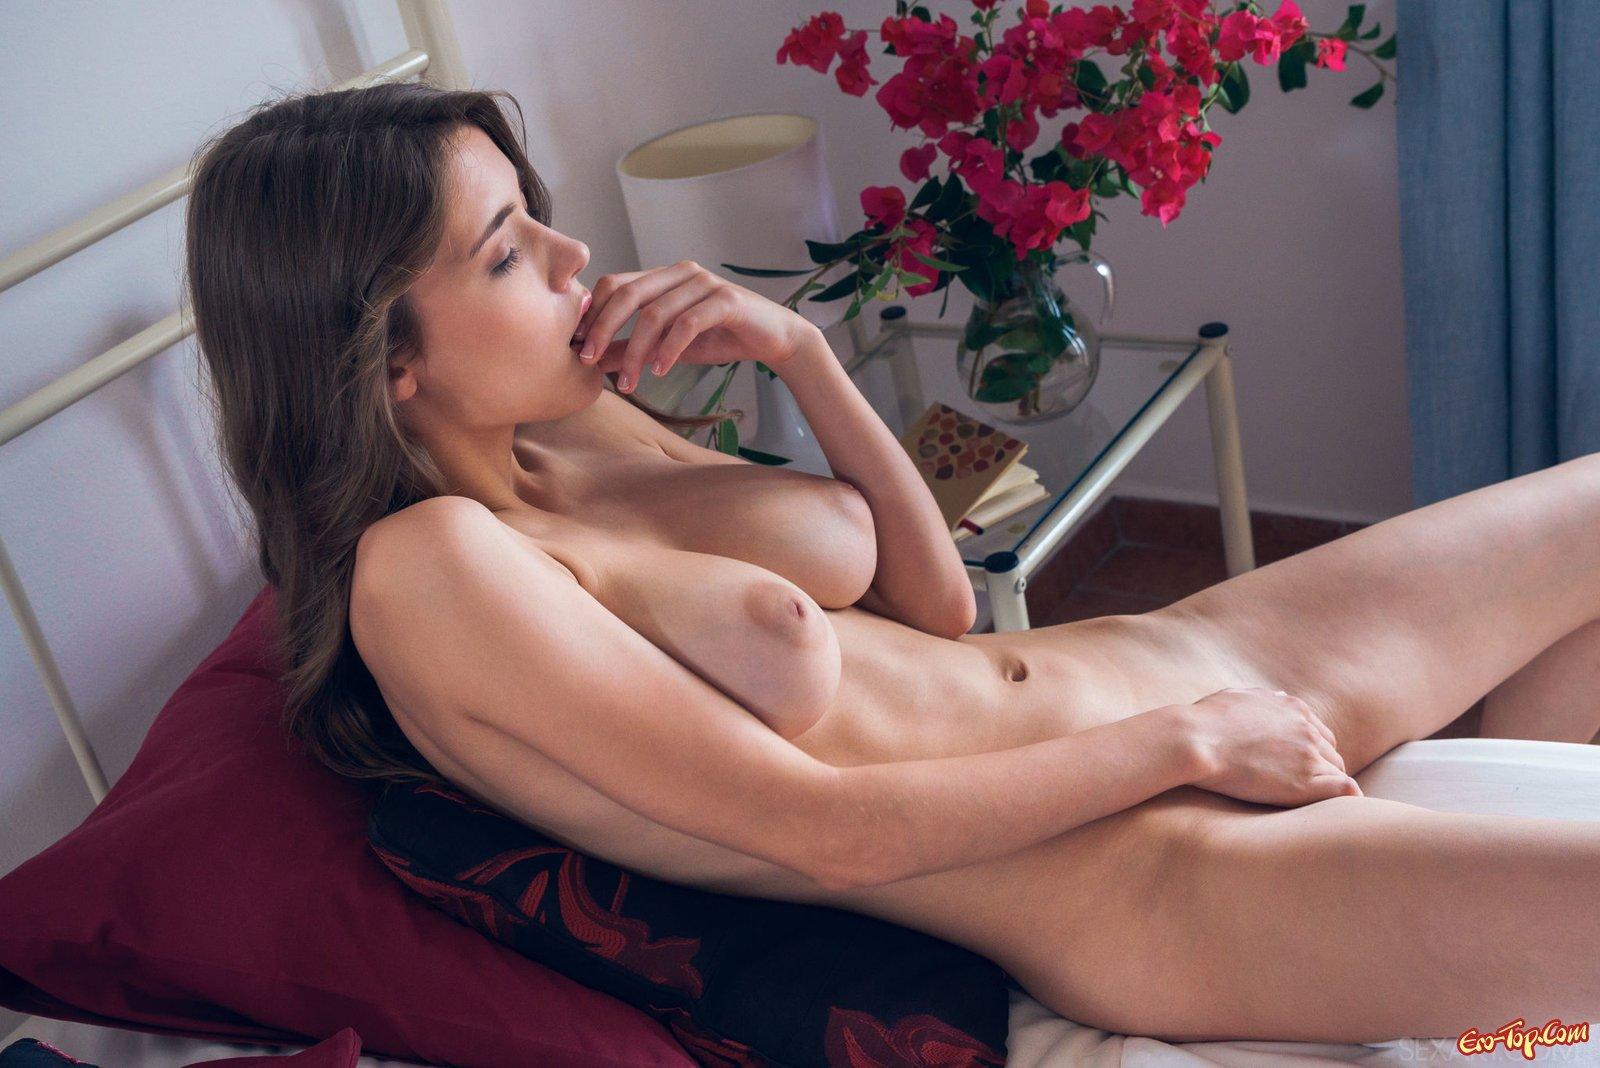 Худышка с широкой грудью проникает руками в пизду